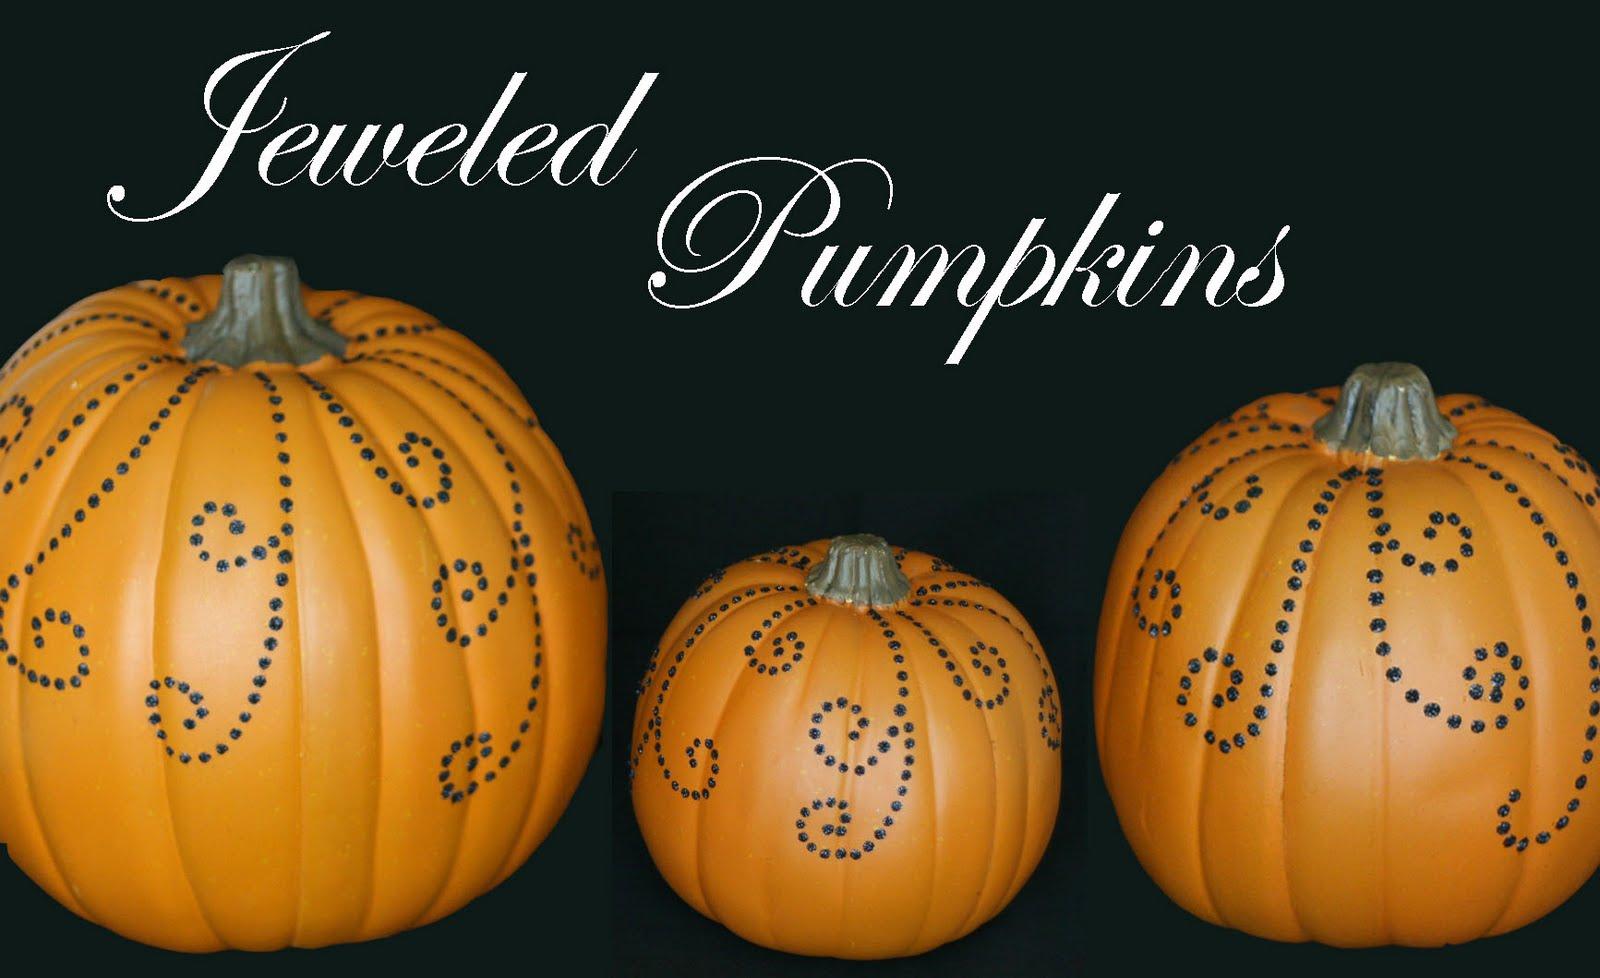 Pretty Jeweled Pumpkins D.I.Y. Craft & Pretty Jeweled Pumpkins D.I.Y. Craft u2013 Glorious Treats